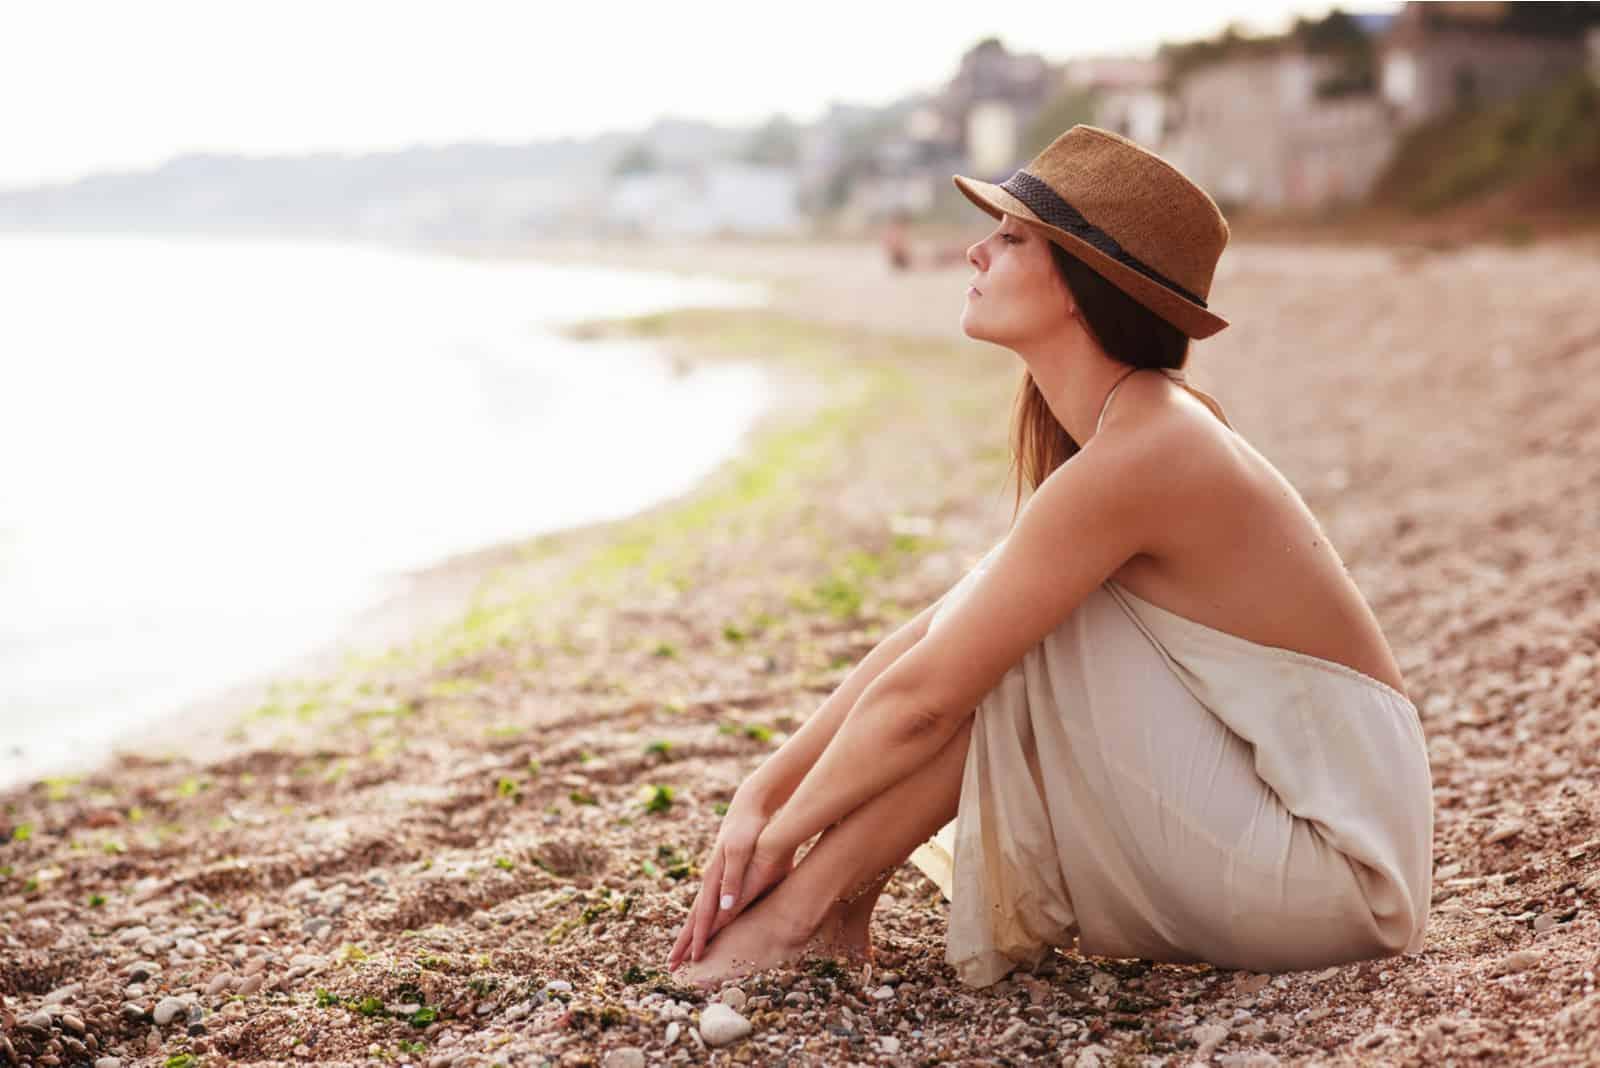 une femme imaginaire assise sur la plage avec un chapeau sur la tête